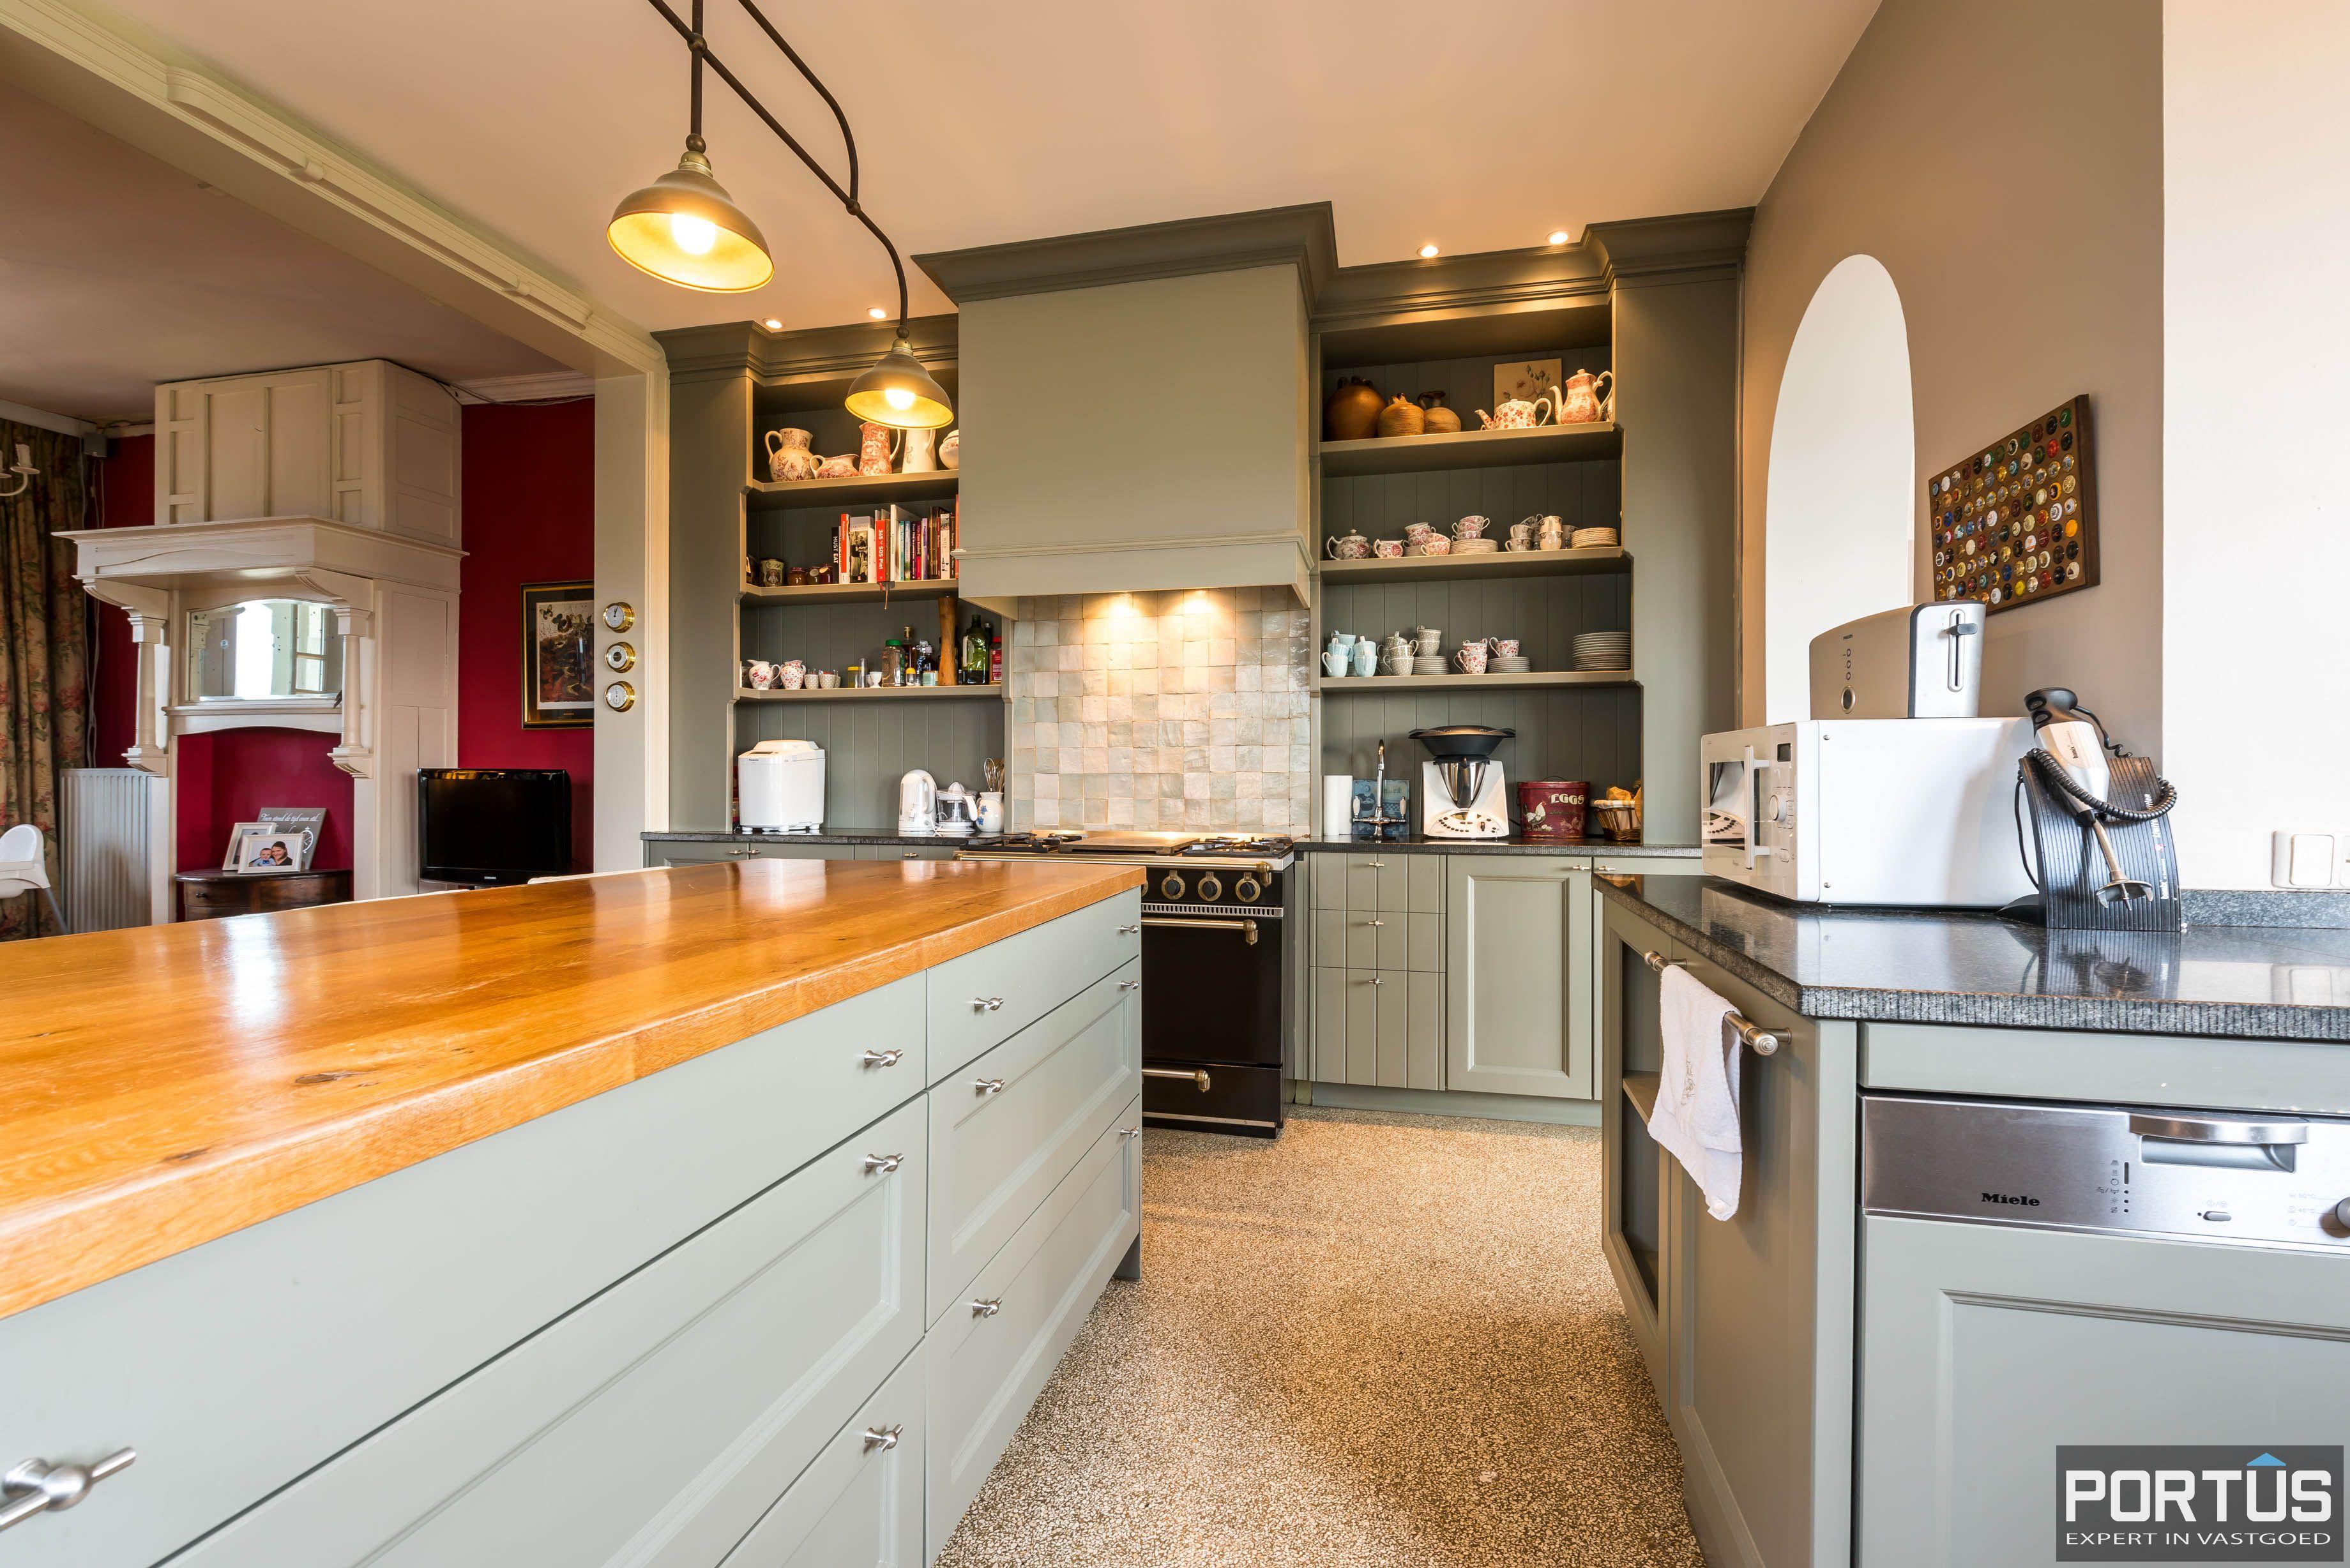 Villa/B&B te koop Westende met 6 slaapkamers - 5431